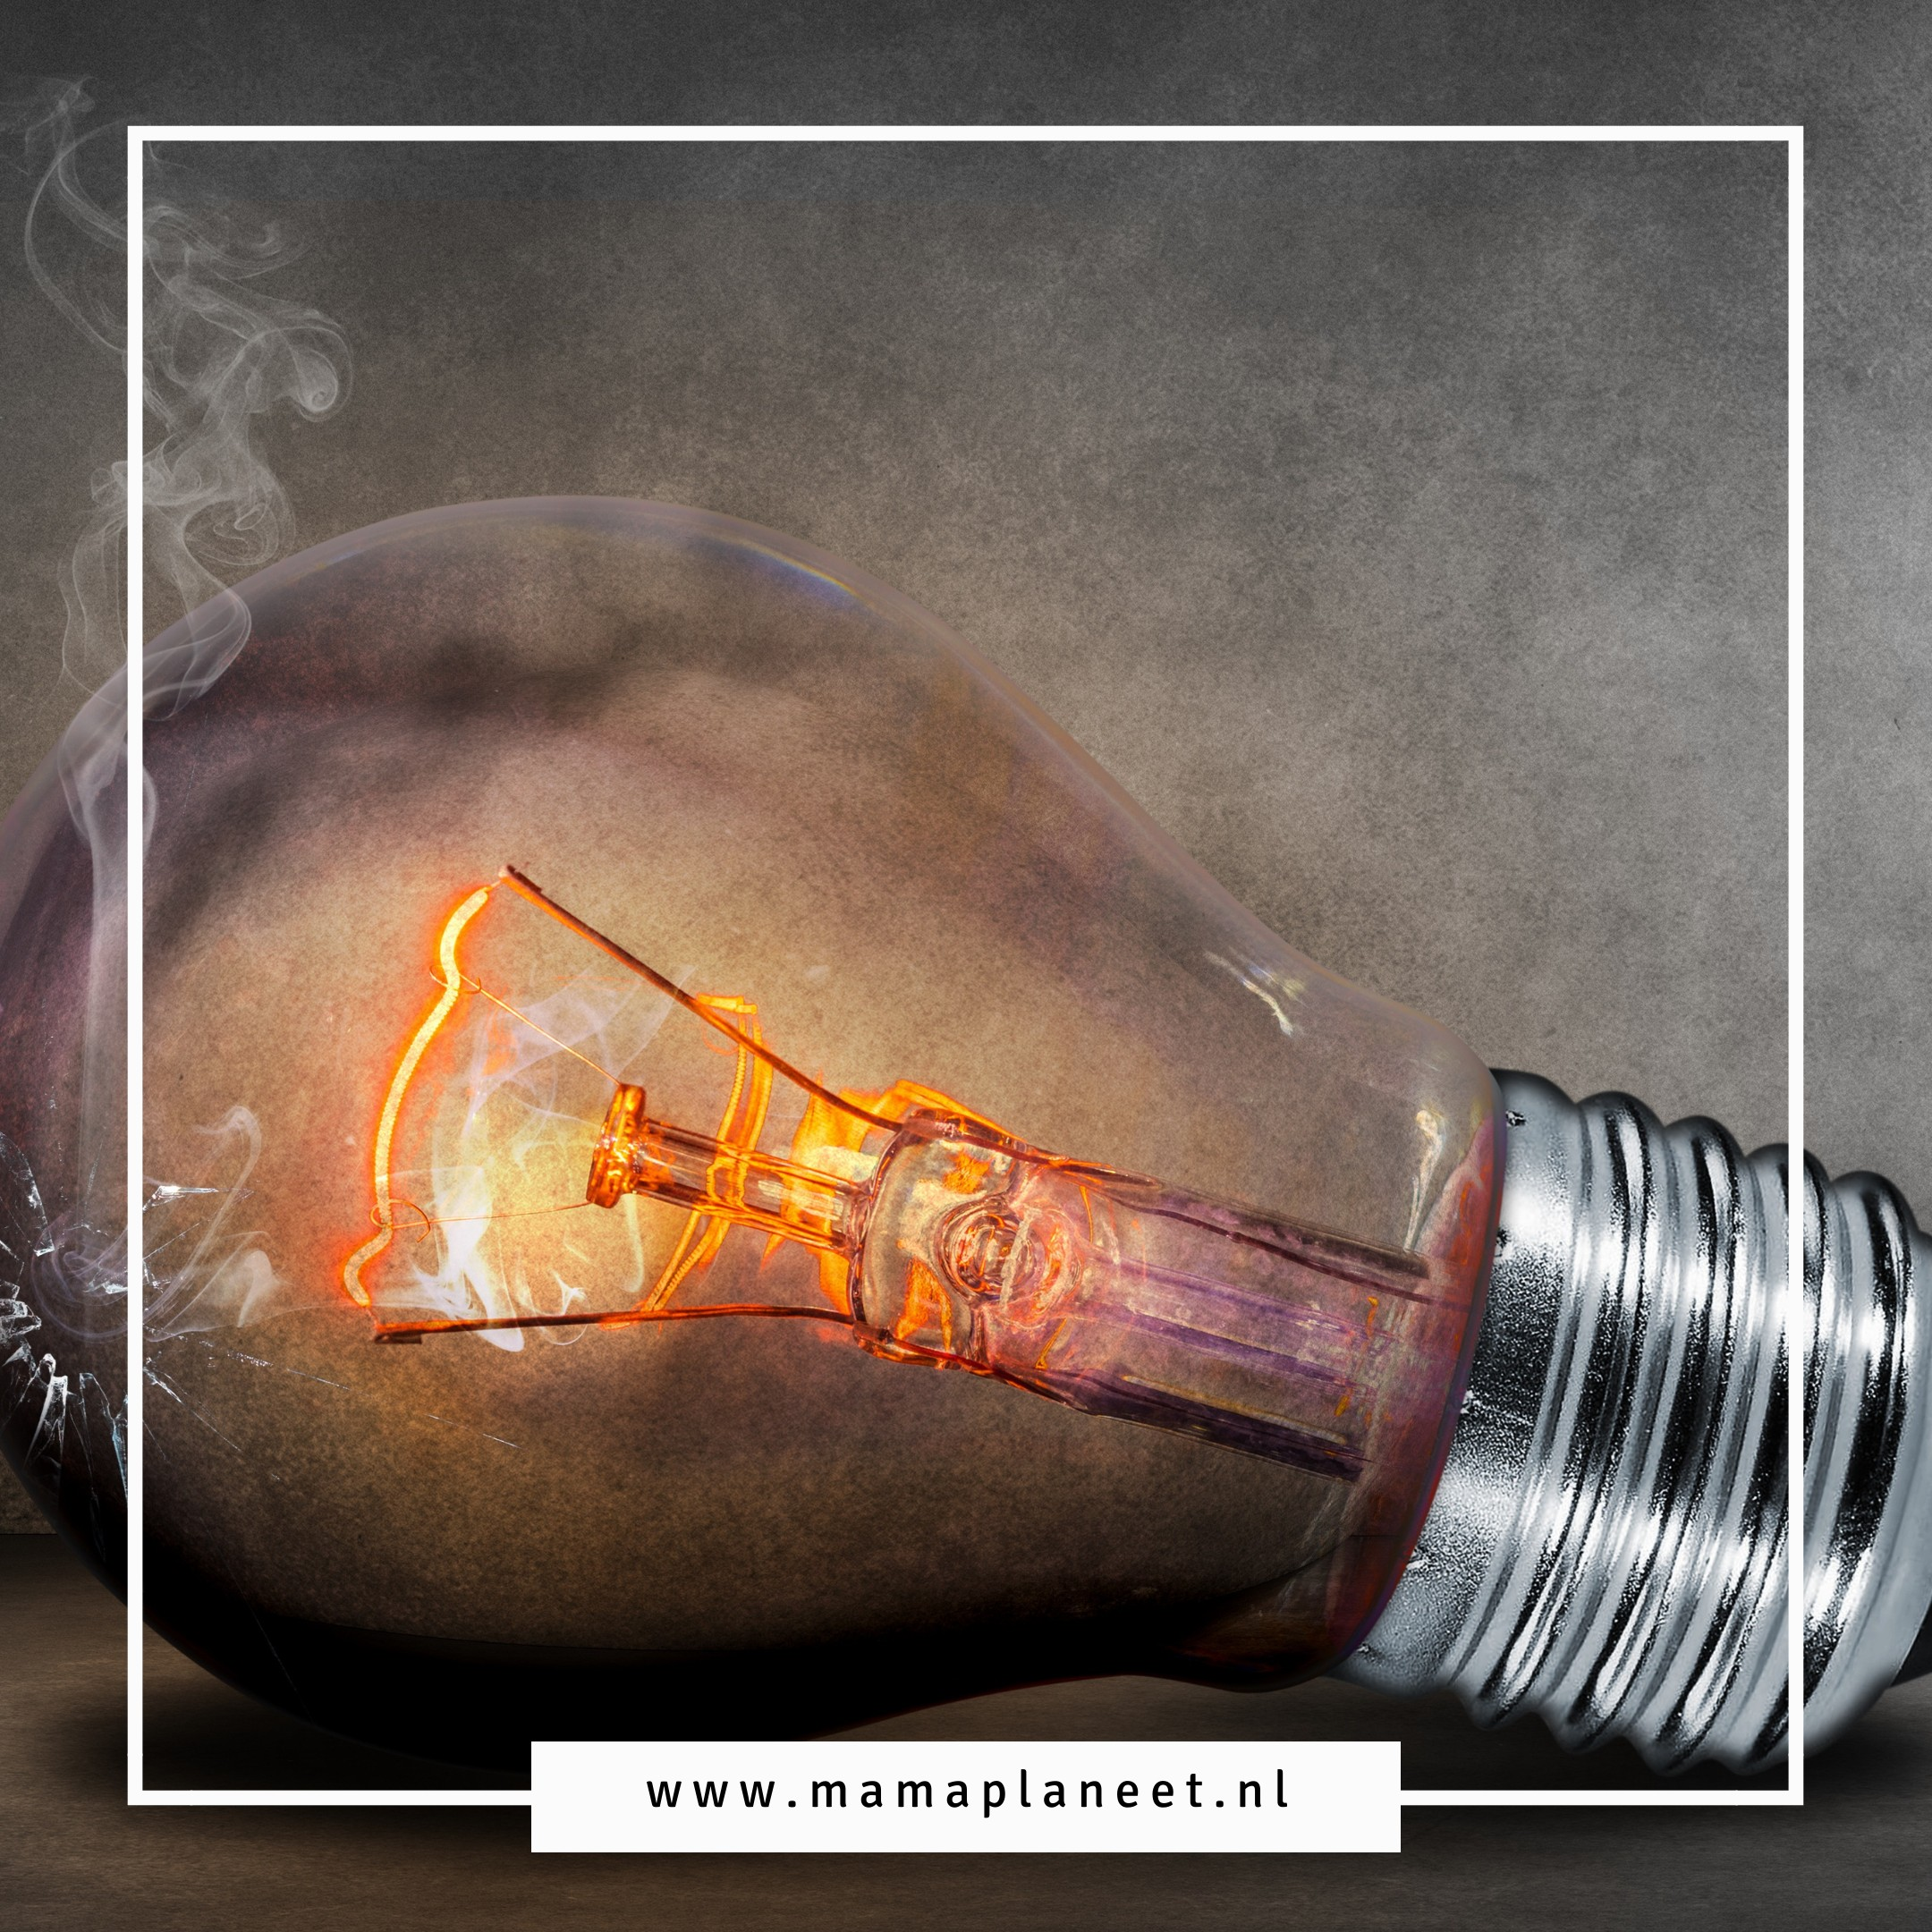 energierekening verlagen door overstappen naar een andere energieleverancier